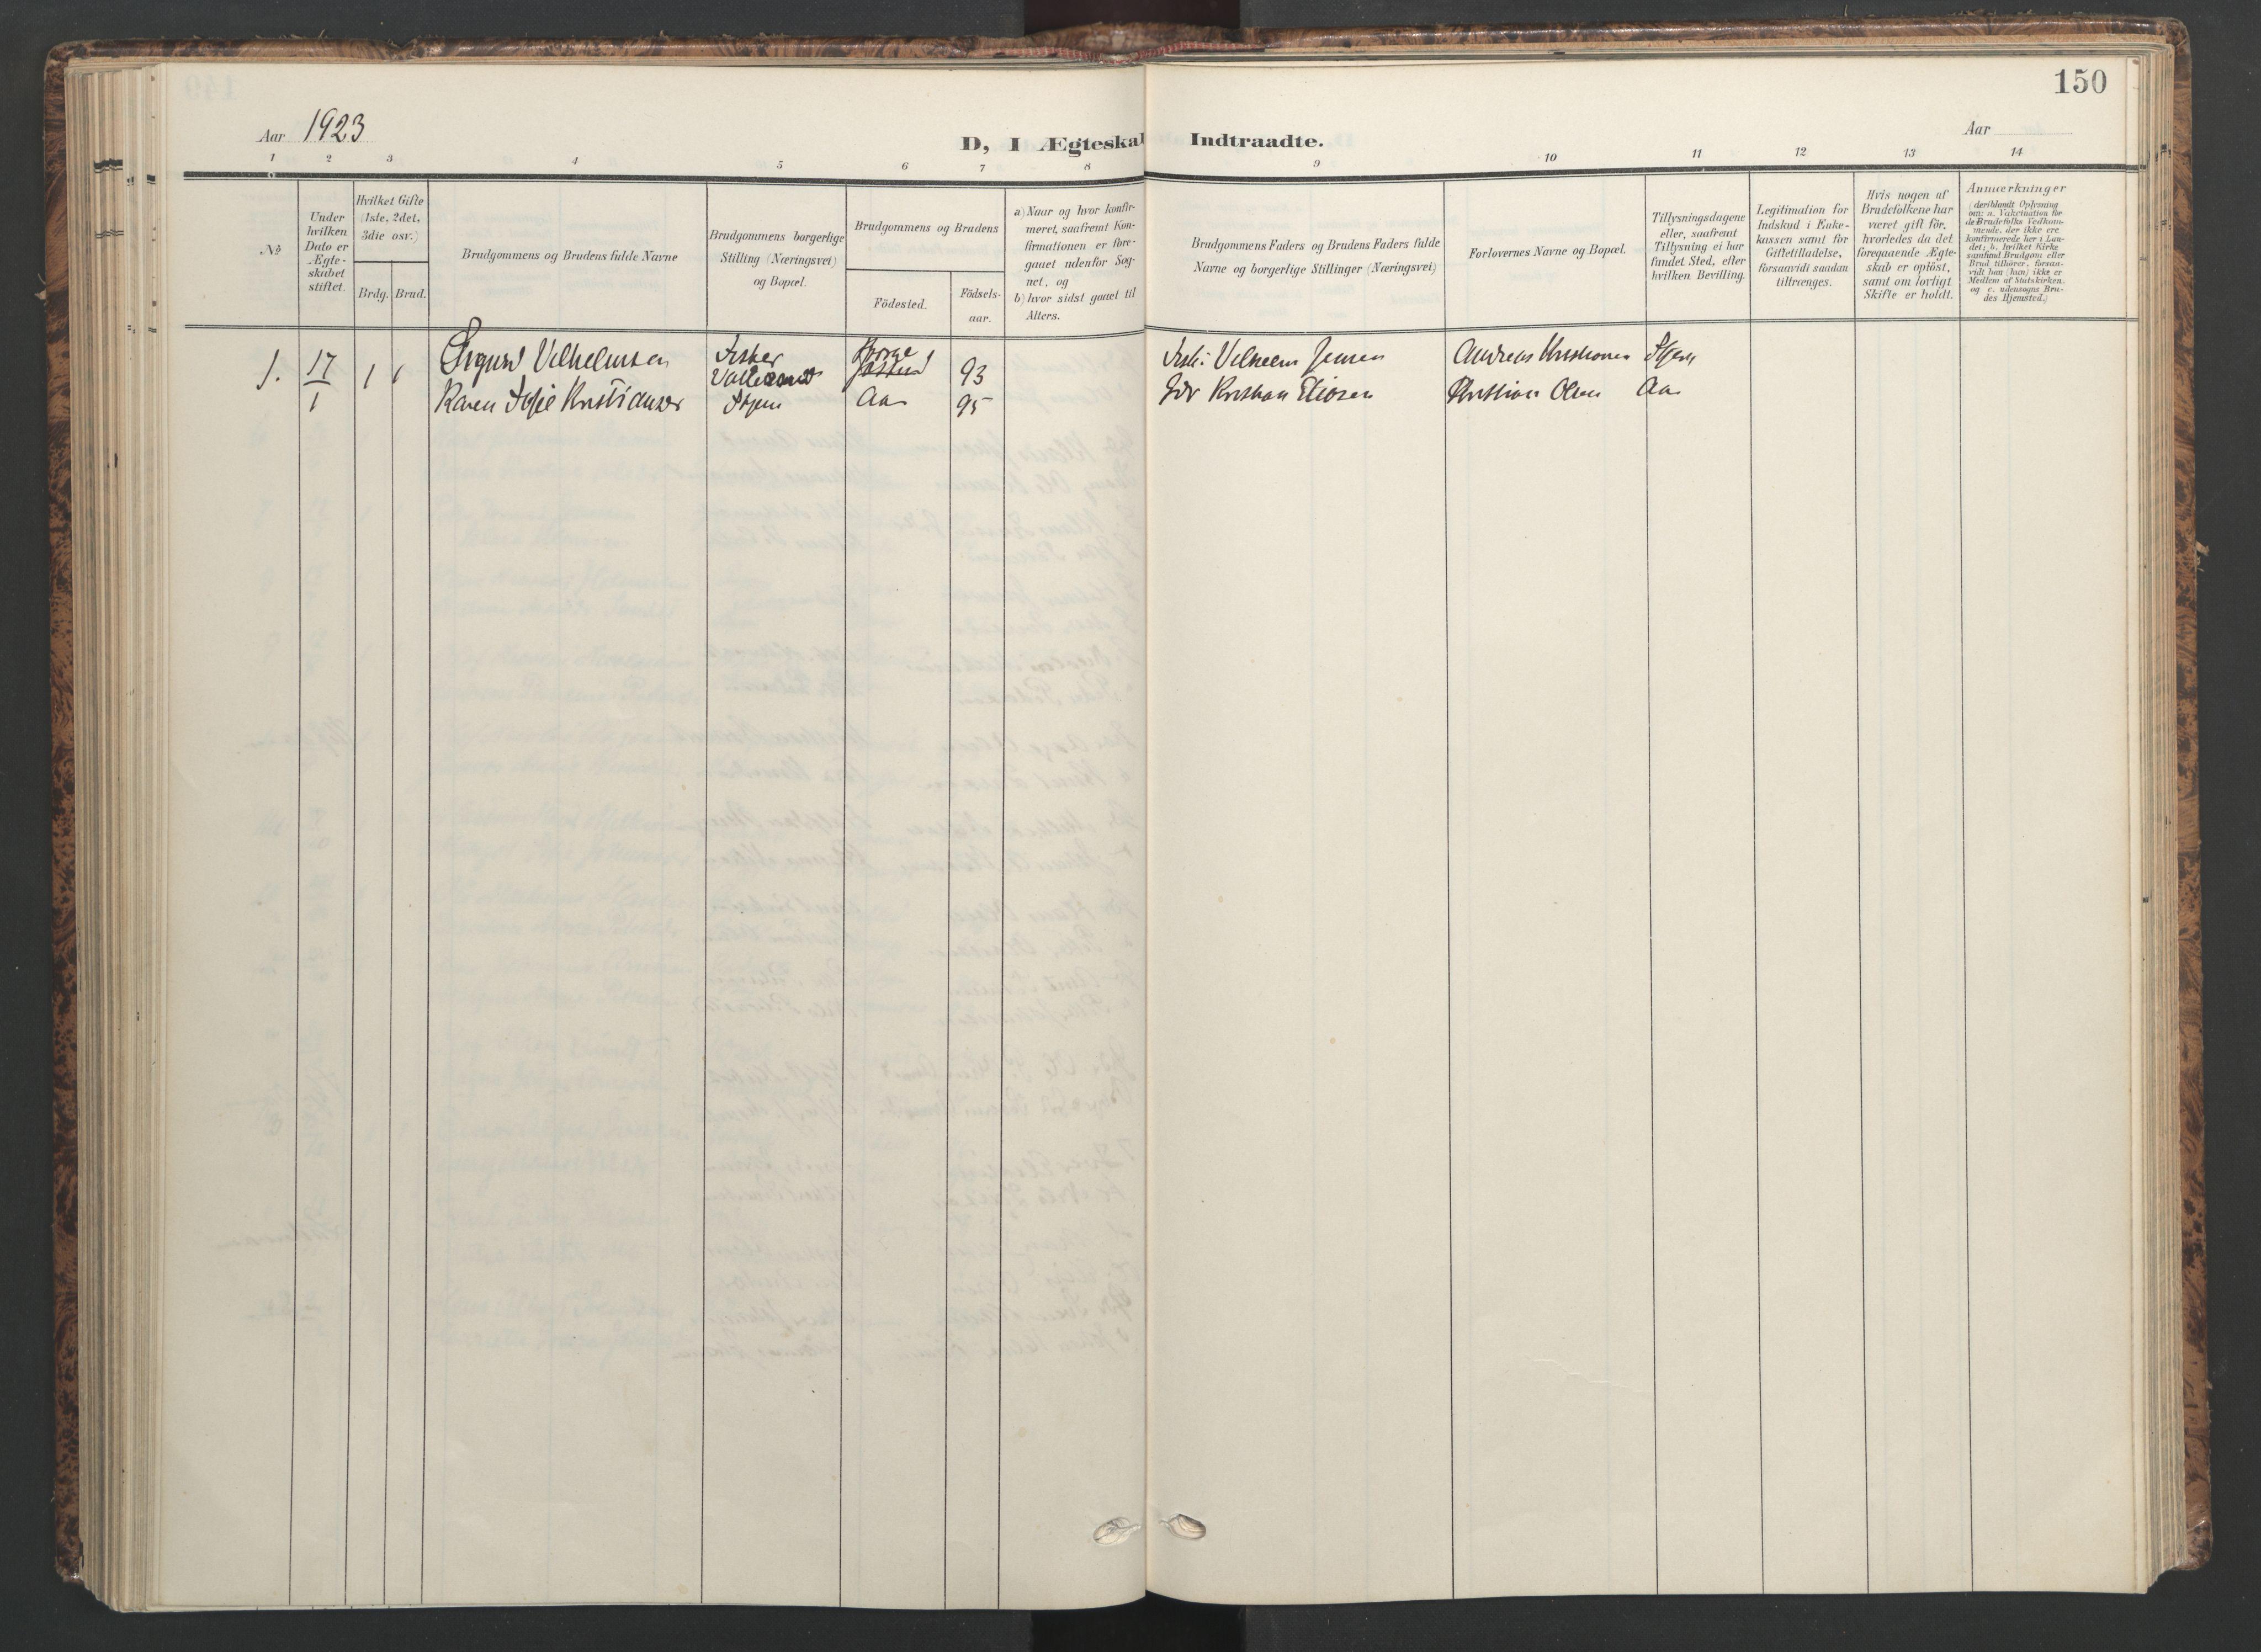 SAT, Ministerialprotokoller, klokkerbøker og fødselsregistre - Sør-Trøndelag, 655/L0682: Ministerialbok nr. 655A11, 1908-1922, s. 150